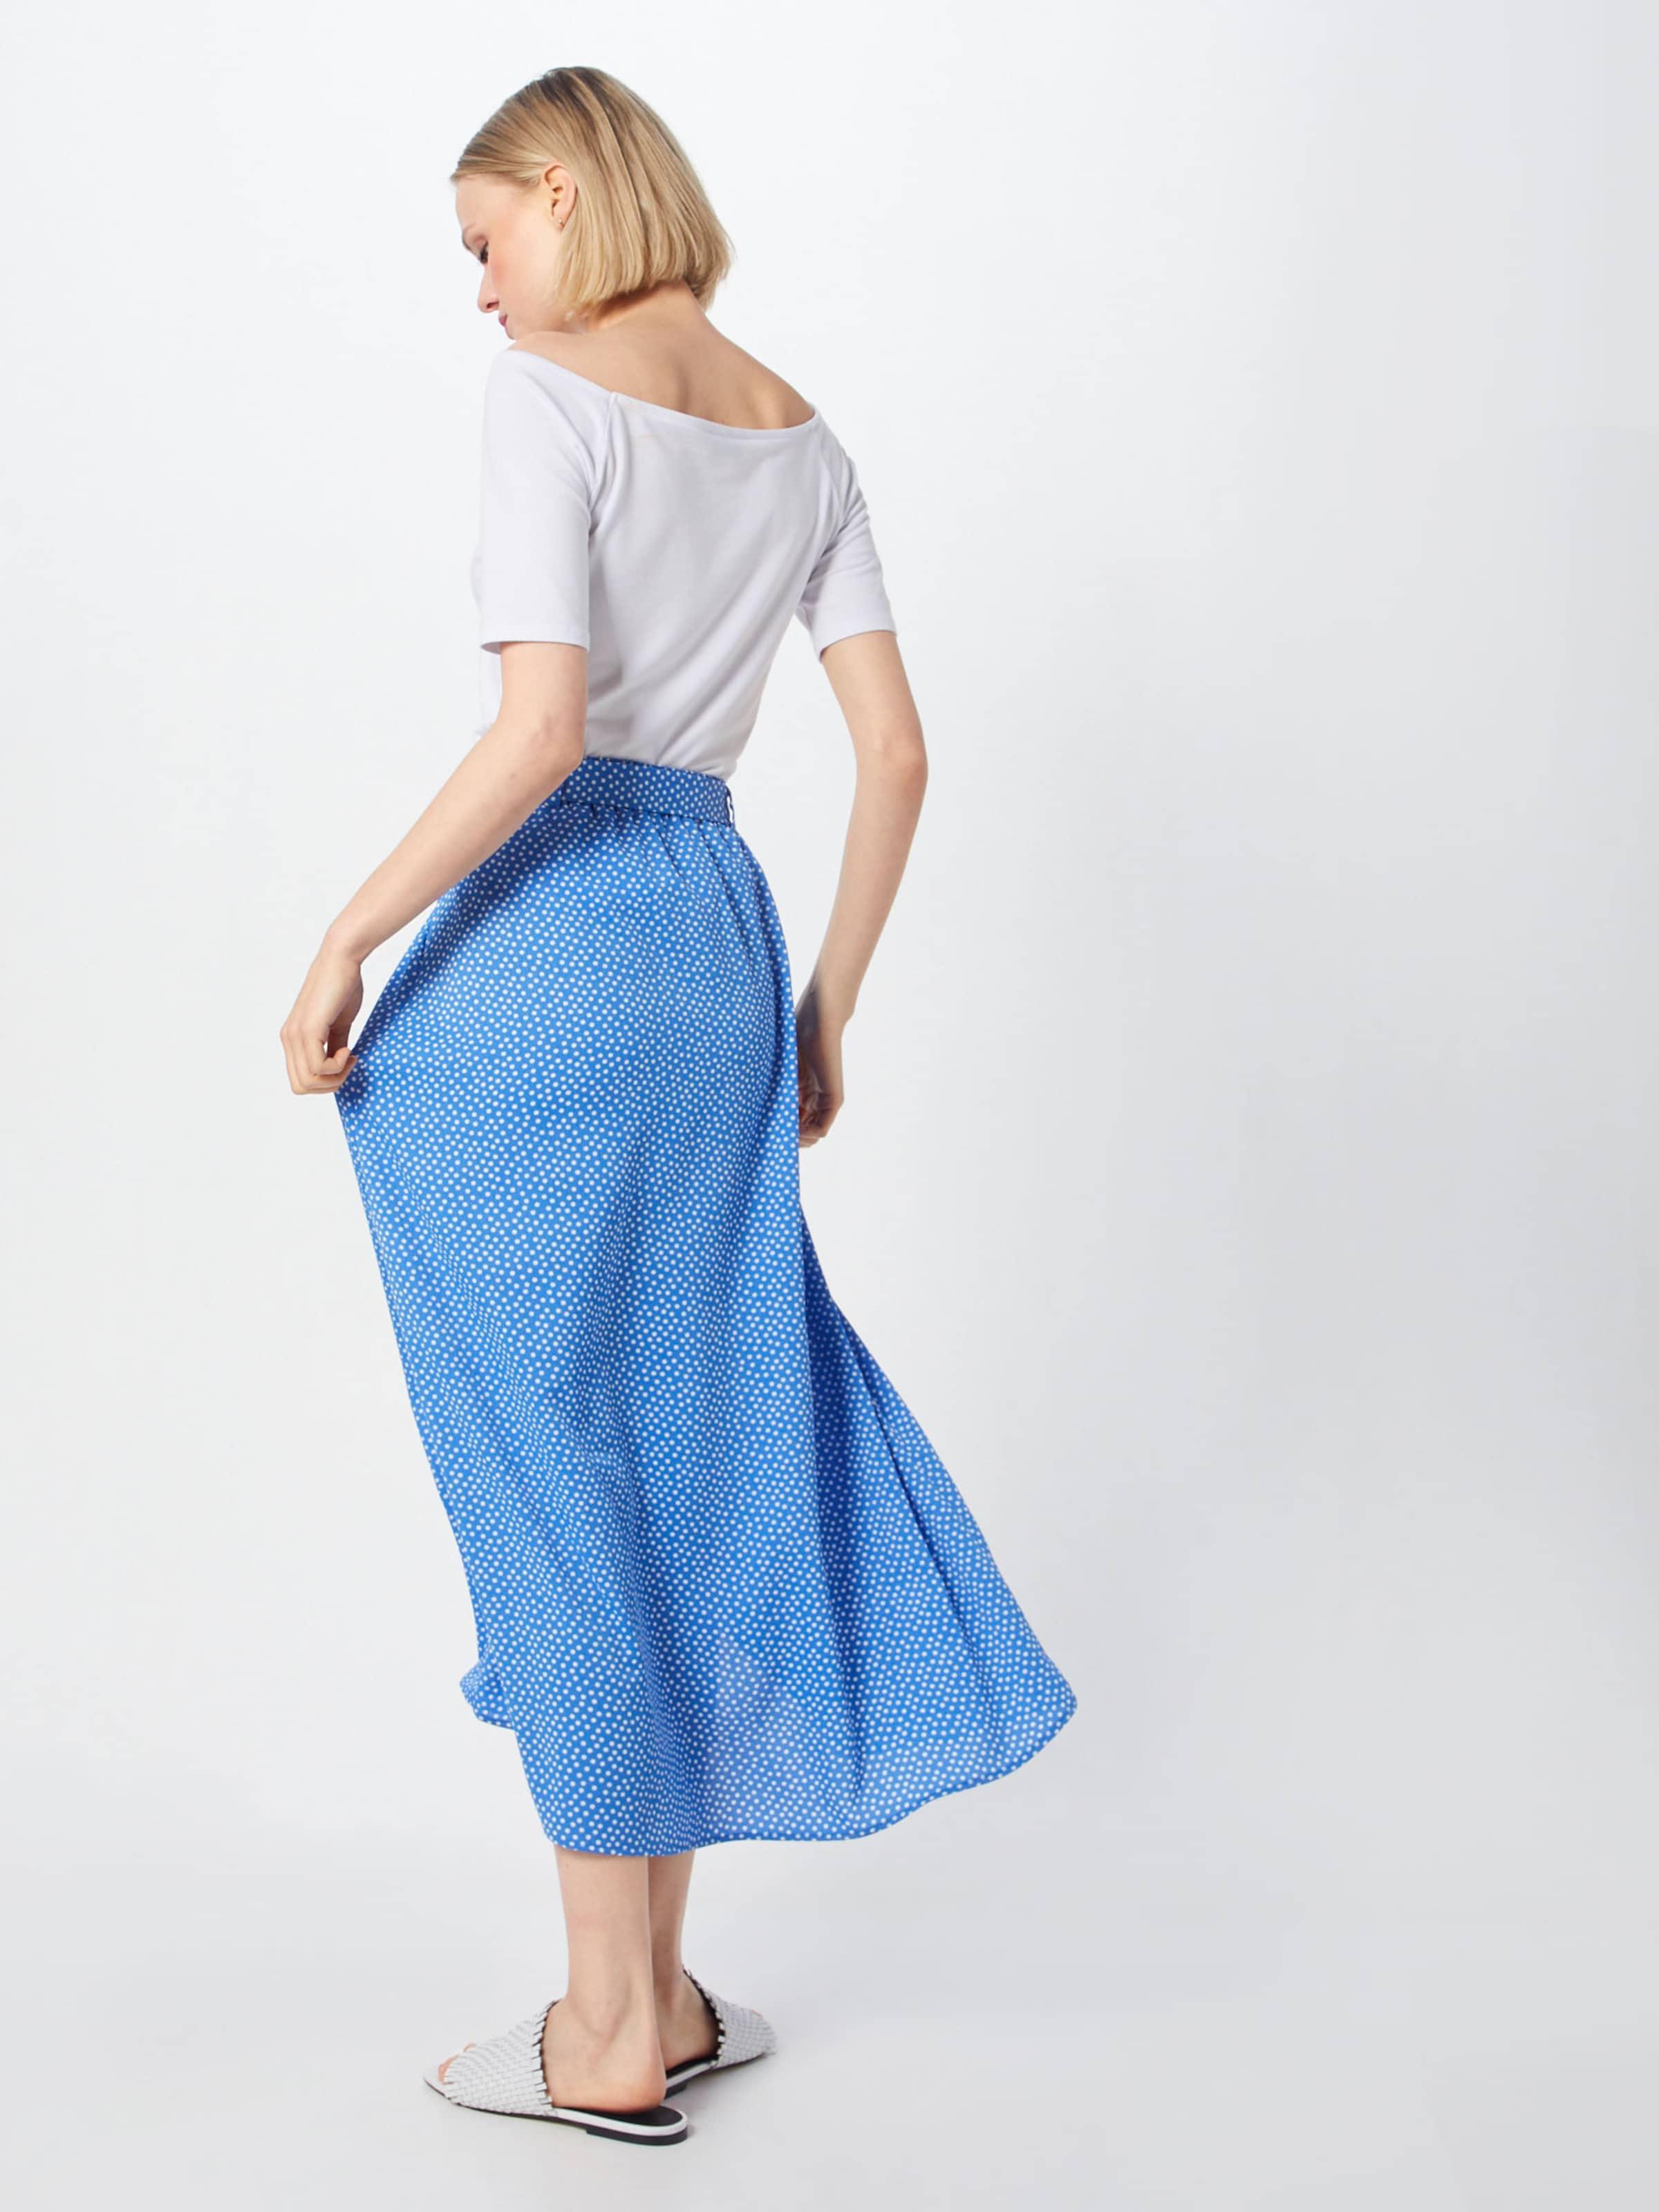 Mw Bleu Jupe En 'pcelmia Pieces ClairBlanc Maxi Skirt' W2IYDHE9